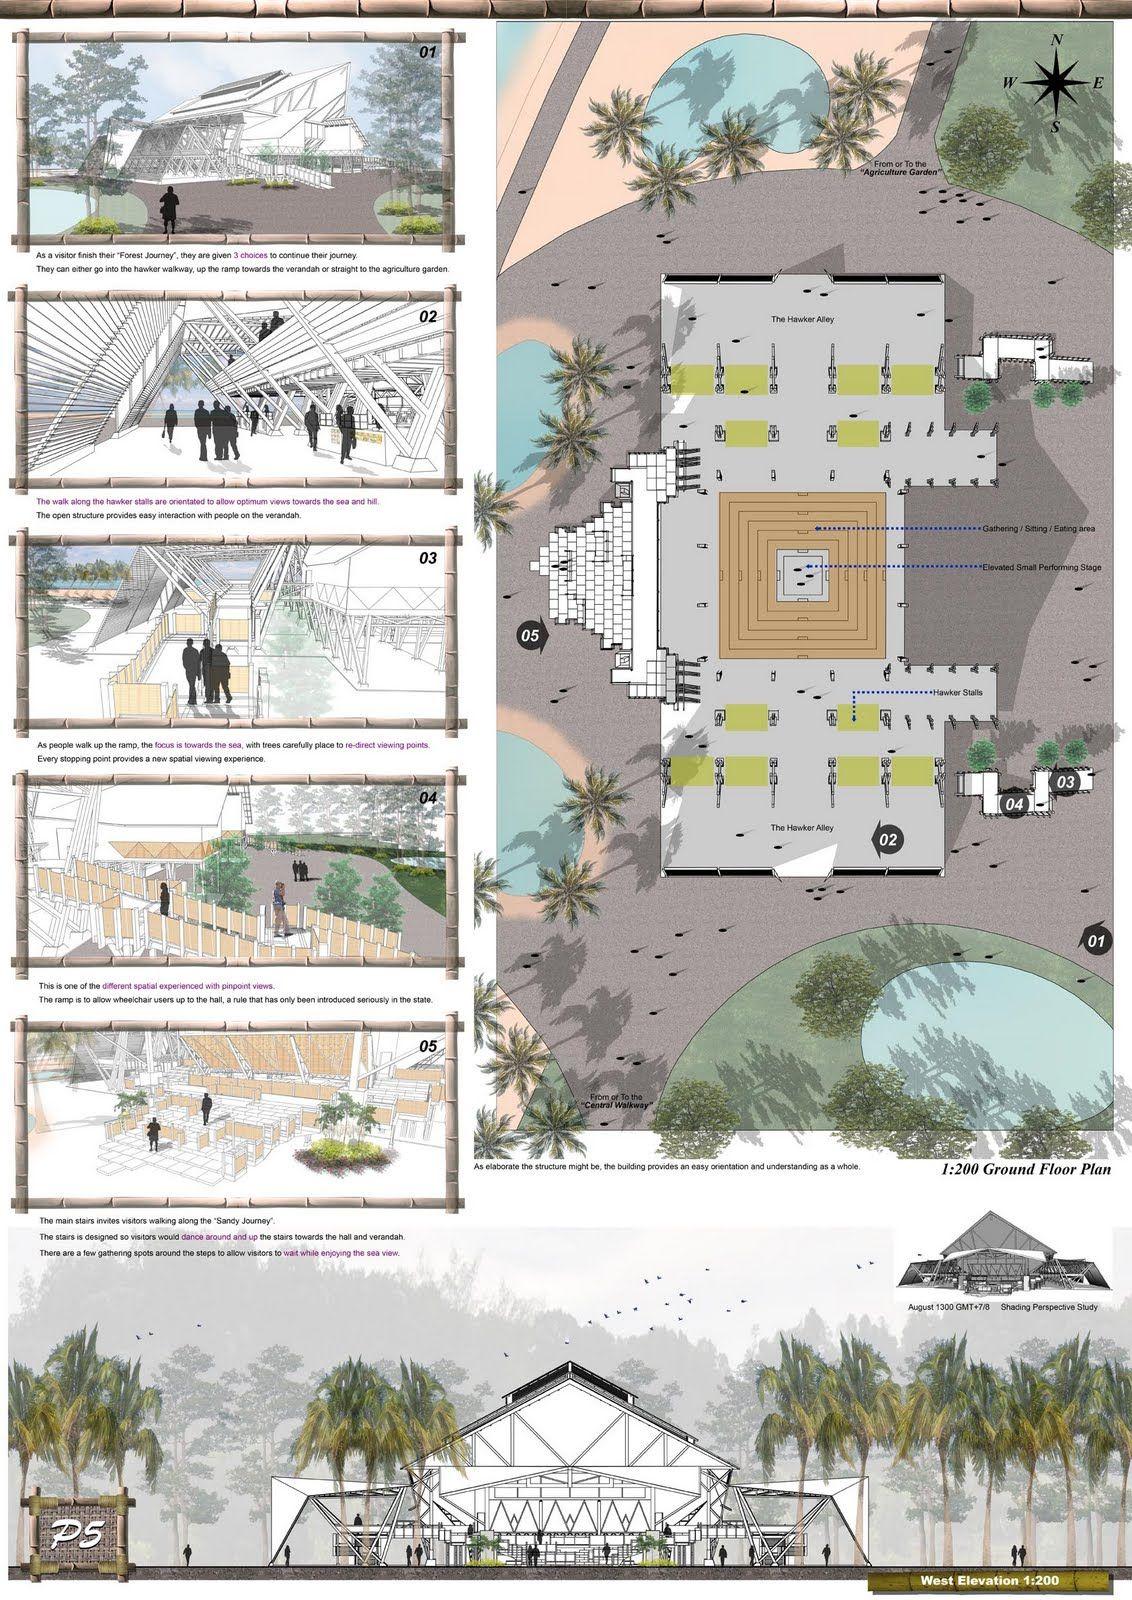 Landscape Design Perspective Landscaping Design Landscape Landscaping Perspective In 2020 Landscape Design Drawings Landscape Design Landscape Architecture Design